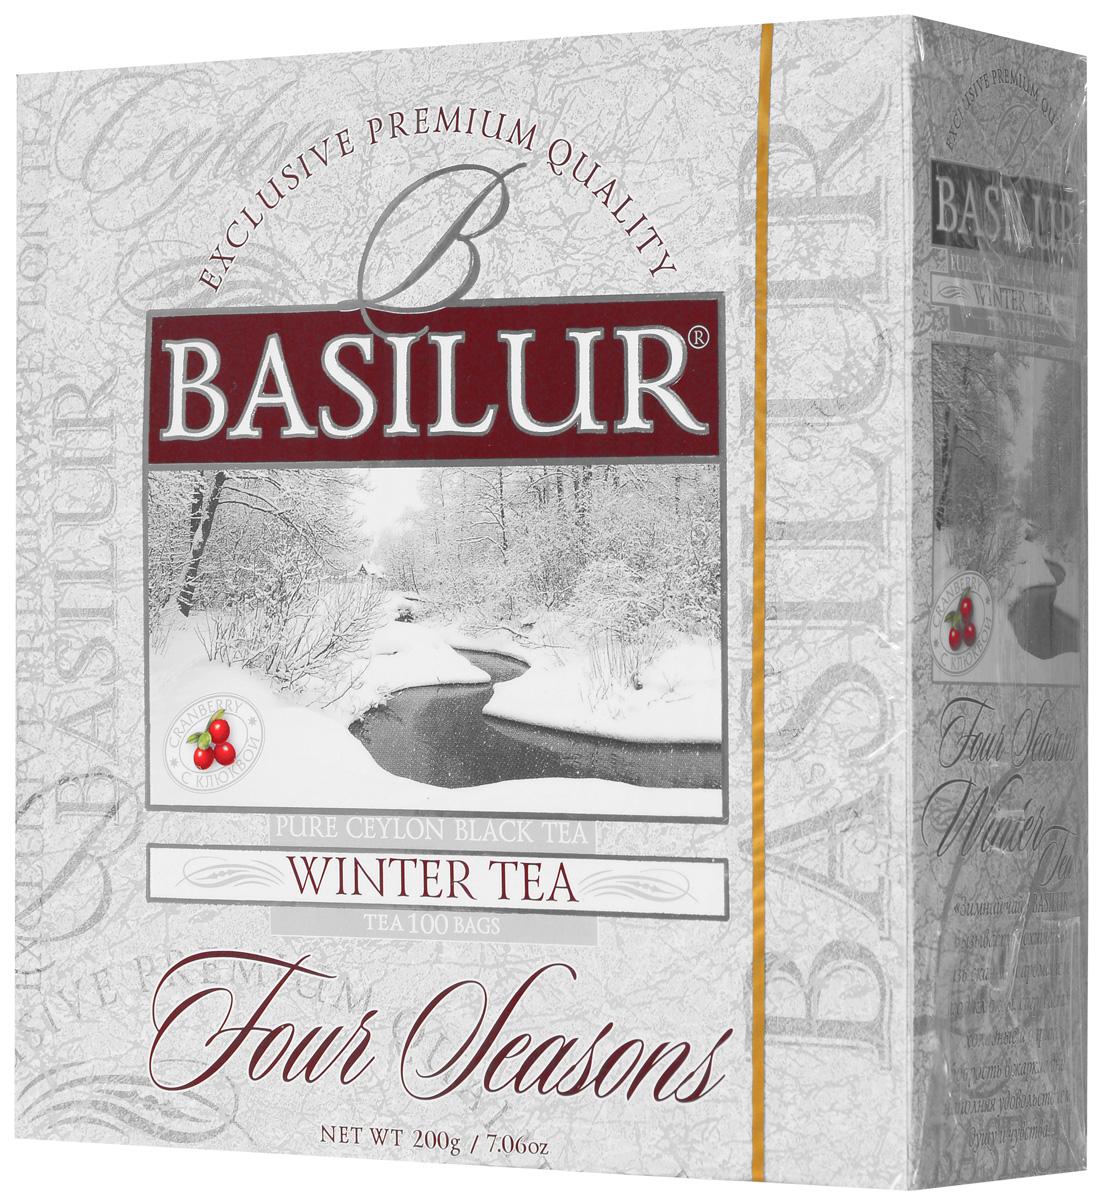 Basilur Winter Tea черный чай в пакетиках, 100 шт70168-00Чёрный цейлонский байховый мелколистовой чай Basilur Winter Tea с ароматом клюквы в пакетиках с ярлычками для разовой заварки прекрасно освежит и придаст сил. Смесь лучших сортов цейлонского чая стандарта ОP и натуральных ягод клюквы специально составлена мастерами-дегустаторами чая, что бы вызвать у вас восхищение изысканностью вкуса и аромата. Зимний чай Basilur согреет в холодные дни и подарит бодрость - в жаркие.